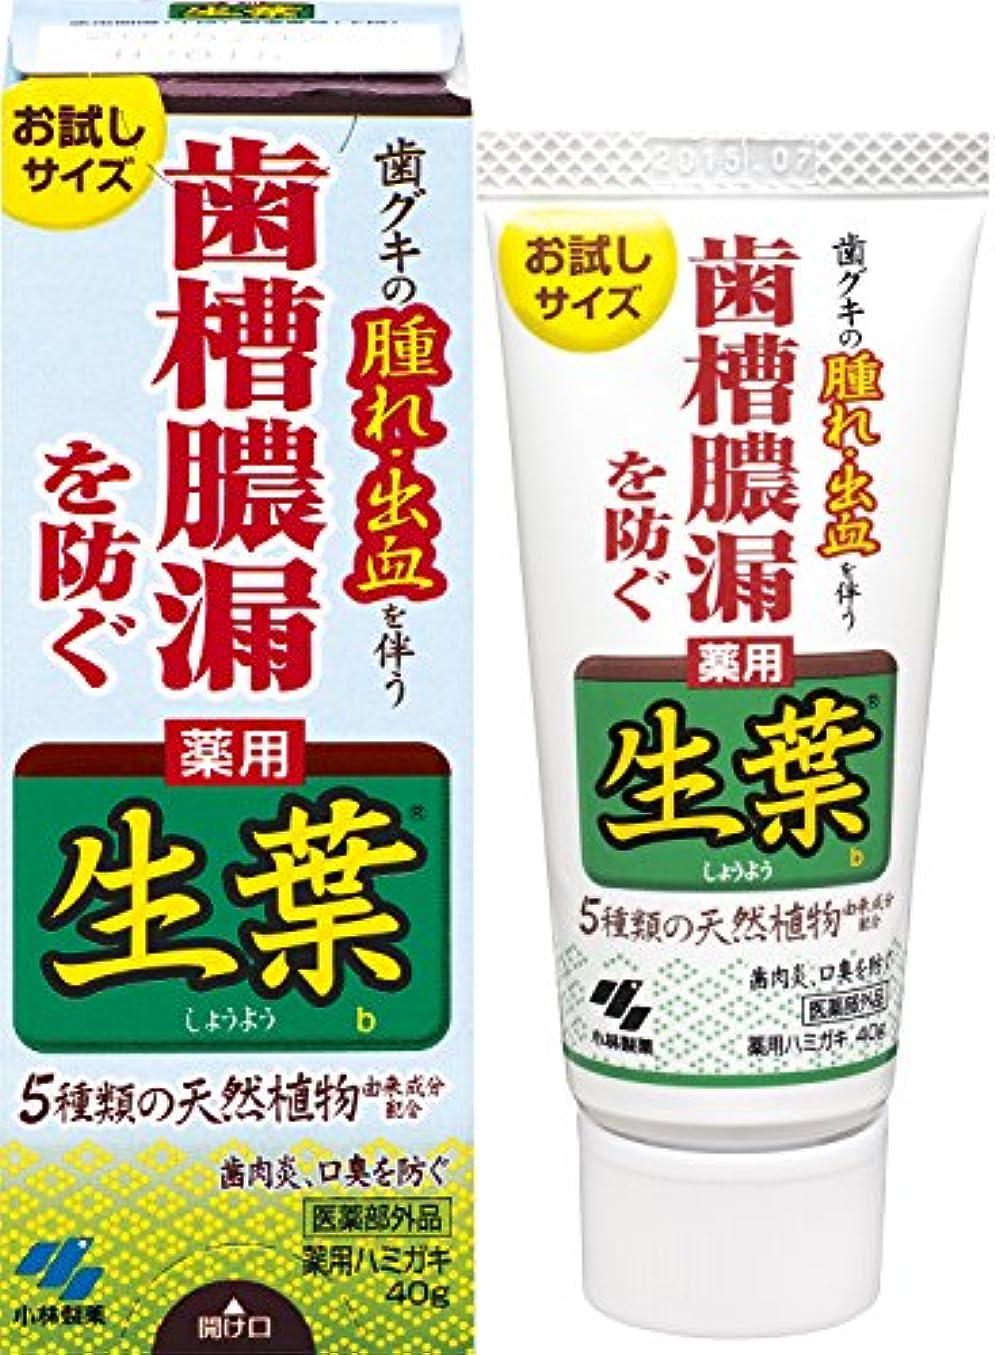 ウィザード調和ガチョウ生葉(しょうよう)お試しサイズ 歯槽膿漏を防ぐ 薬用ハミガキ ハーブミント味 40g 【医薬部外品】